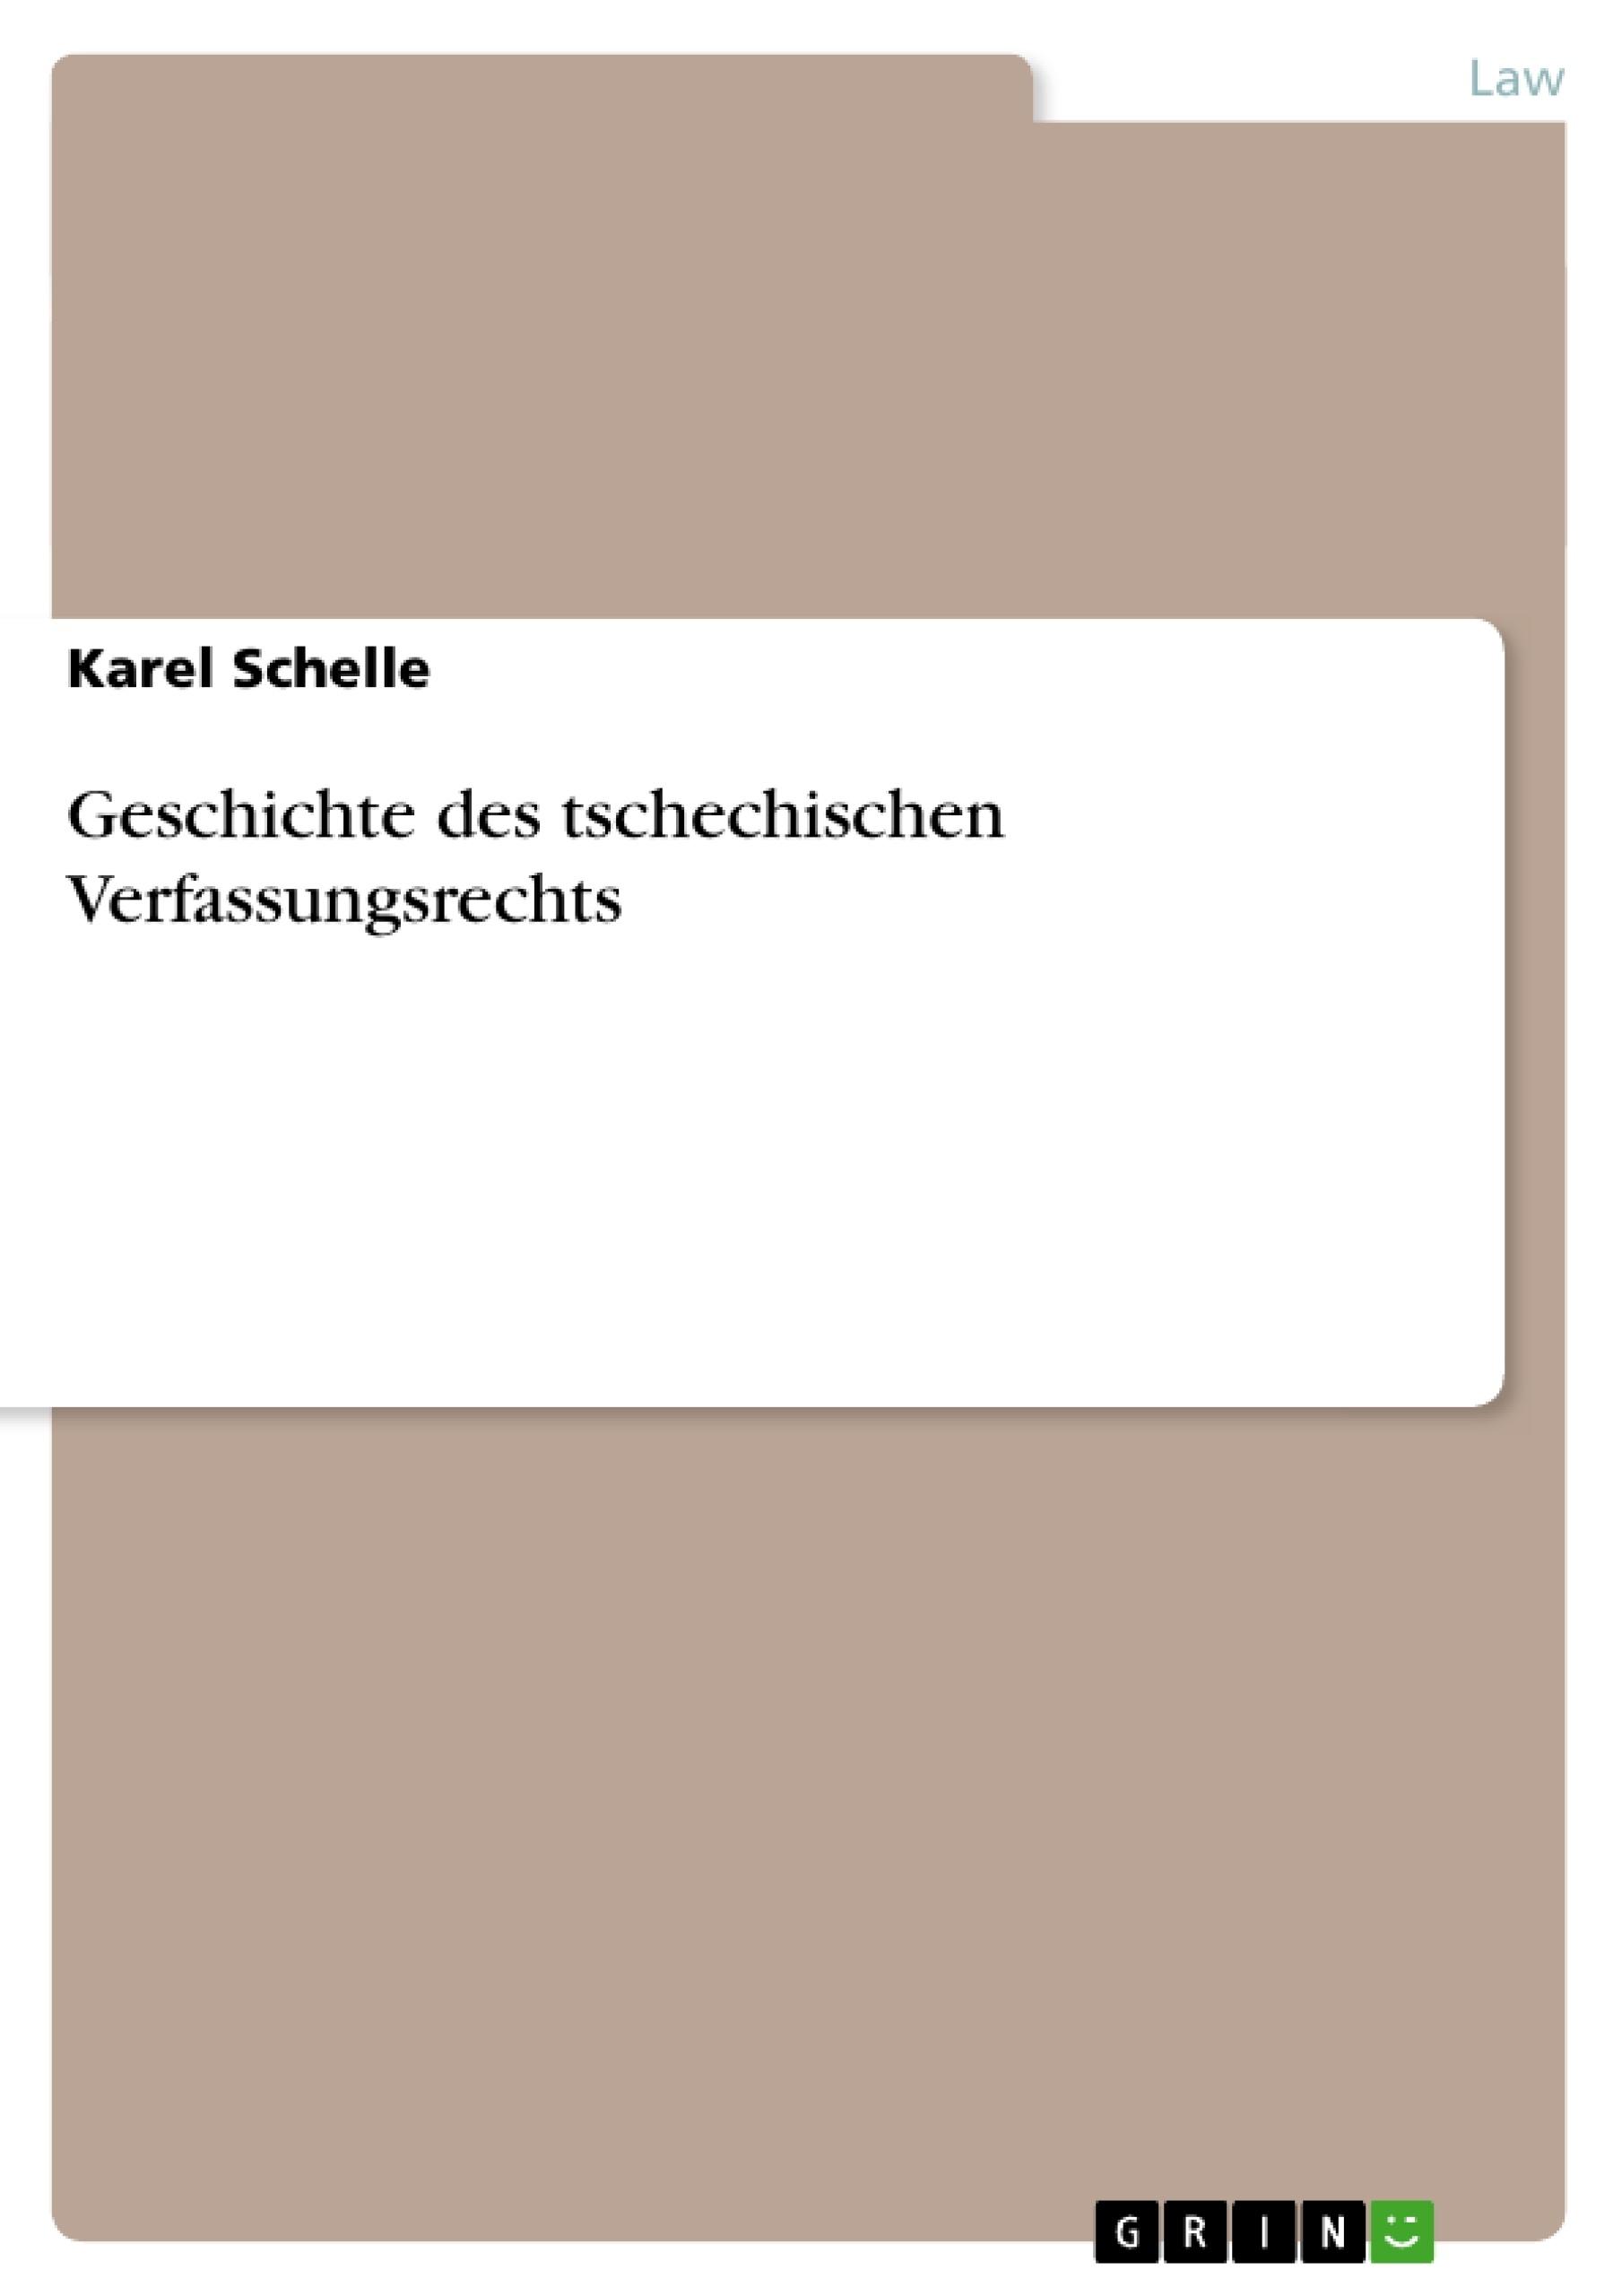 Title: Geschichte des tschechischen Verfassungsrechts